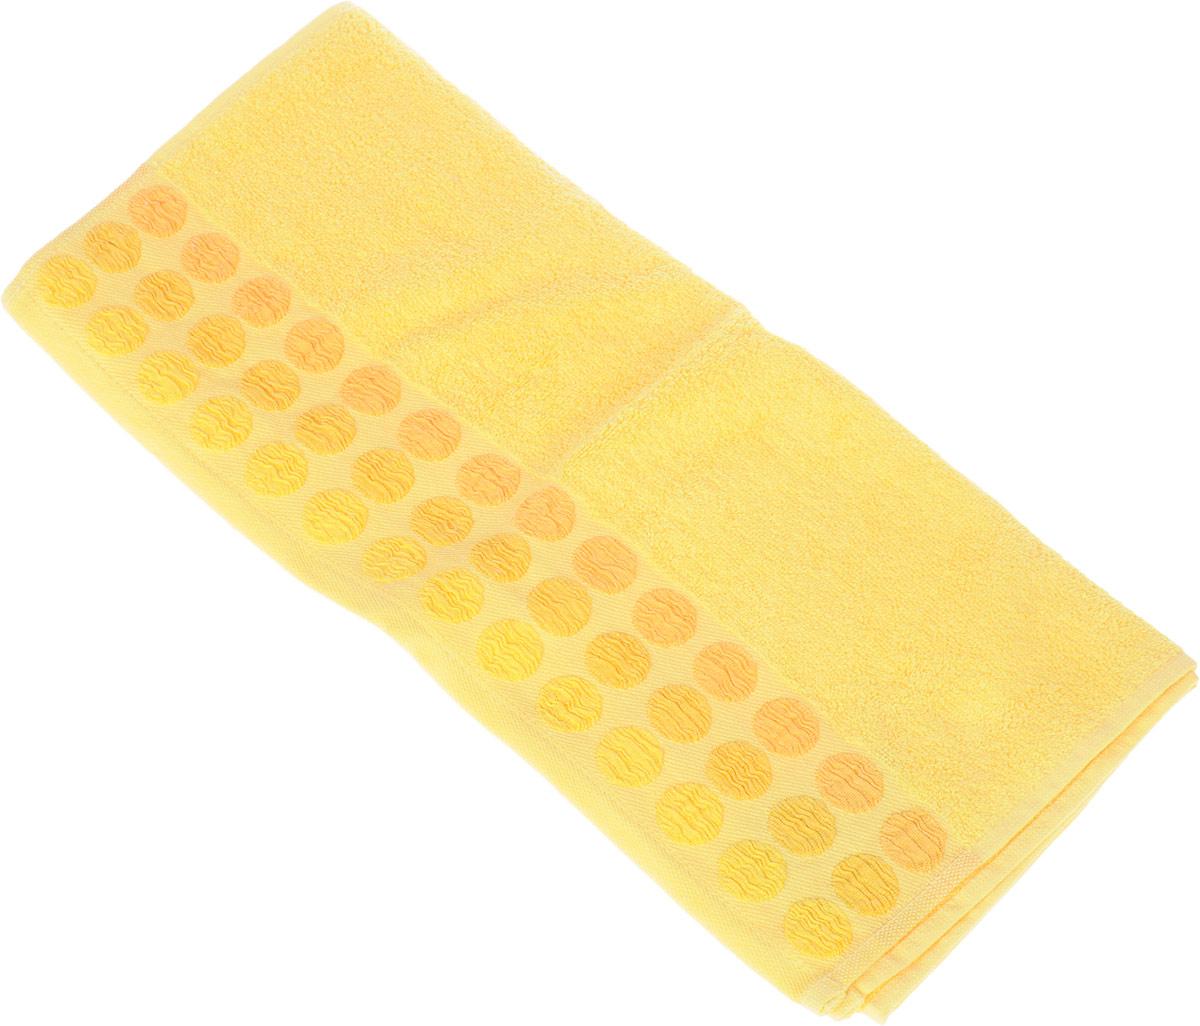 Полотенце Brielle Point, цвет: желтый, 50 х 90 см1207Полотенце Brielle Point выполнено из 100% хлопка. Изделие очень мягкое, оно отлично впитывает влагу, быстро сохнет, сохраняет яркость цвета и не теряет формы даже после многократных стирок. Модель оформлена рисунком. Полотенце Brielle Point очень практично и неприхотливо в уходе. Такое полотенце послужит приятным подарком.